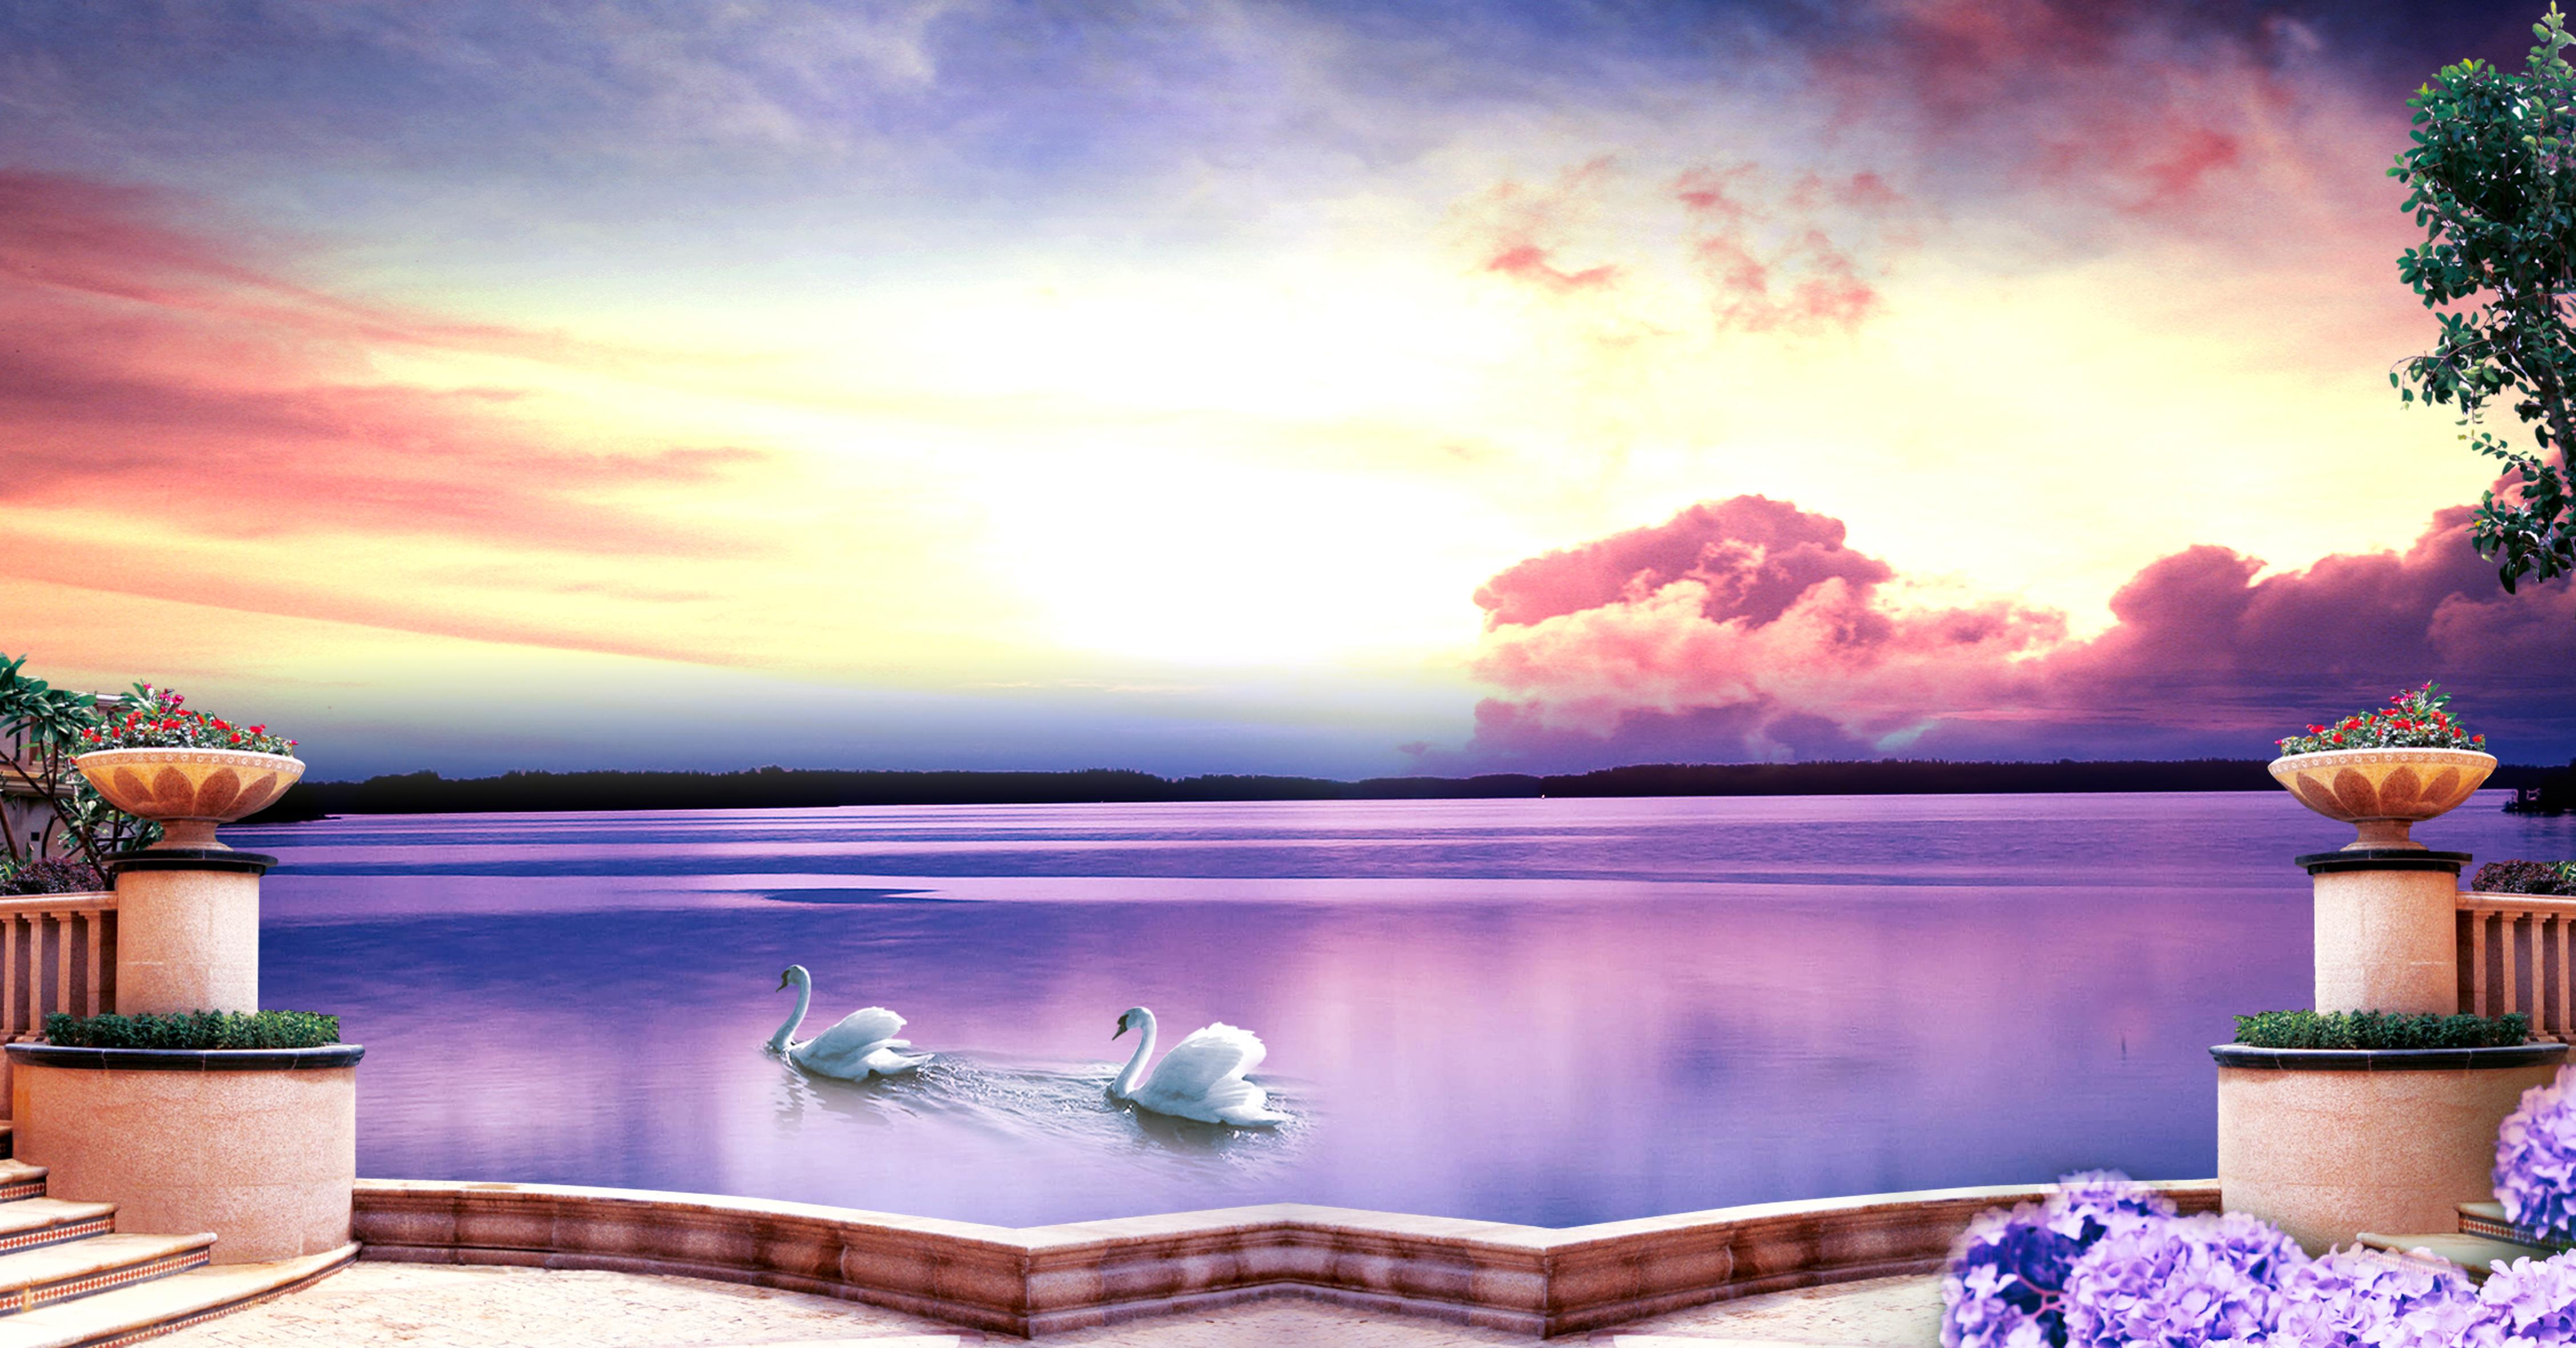 violet swan river le fond d impression violet rivi u00e8re le